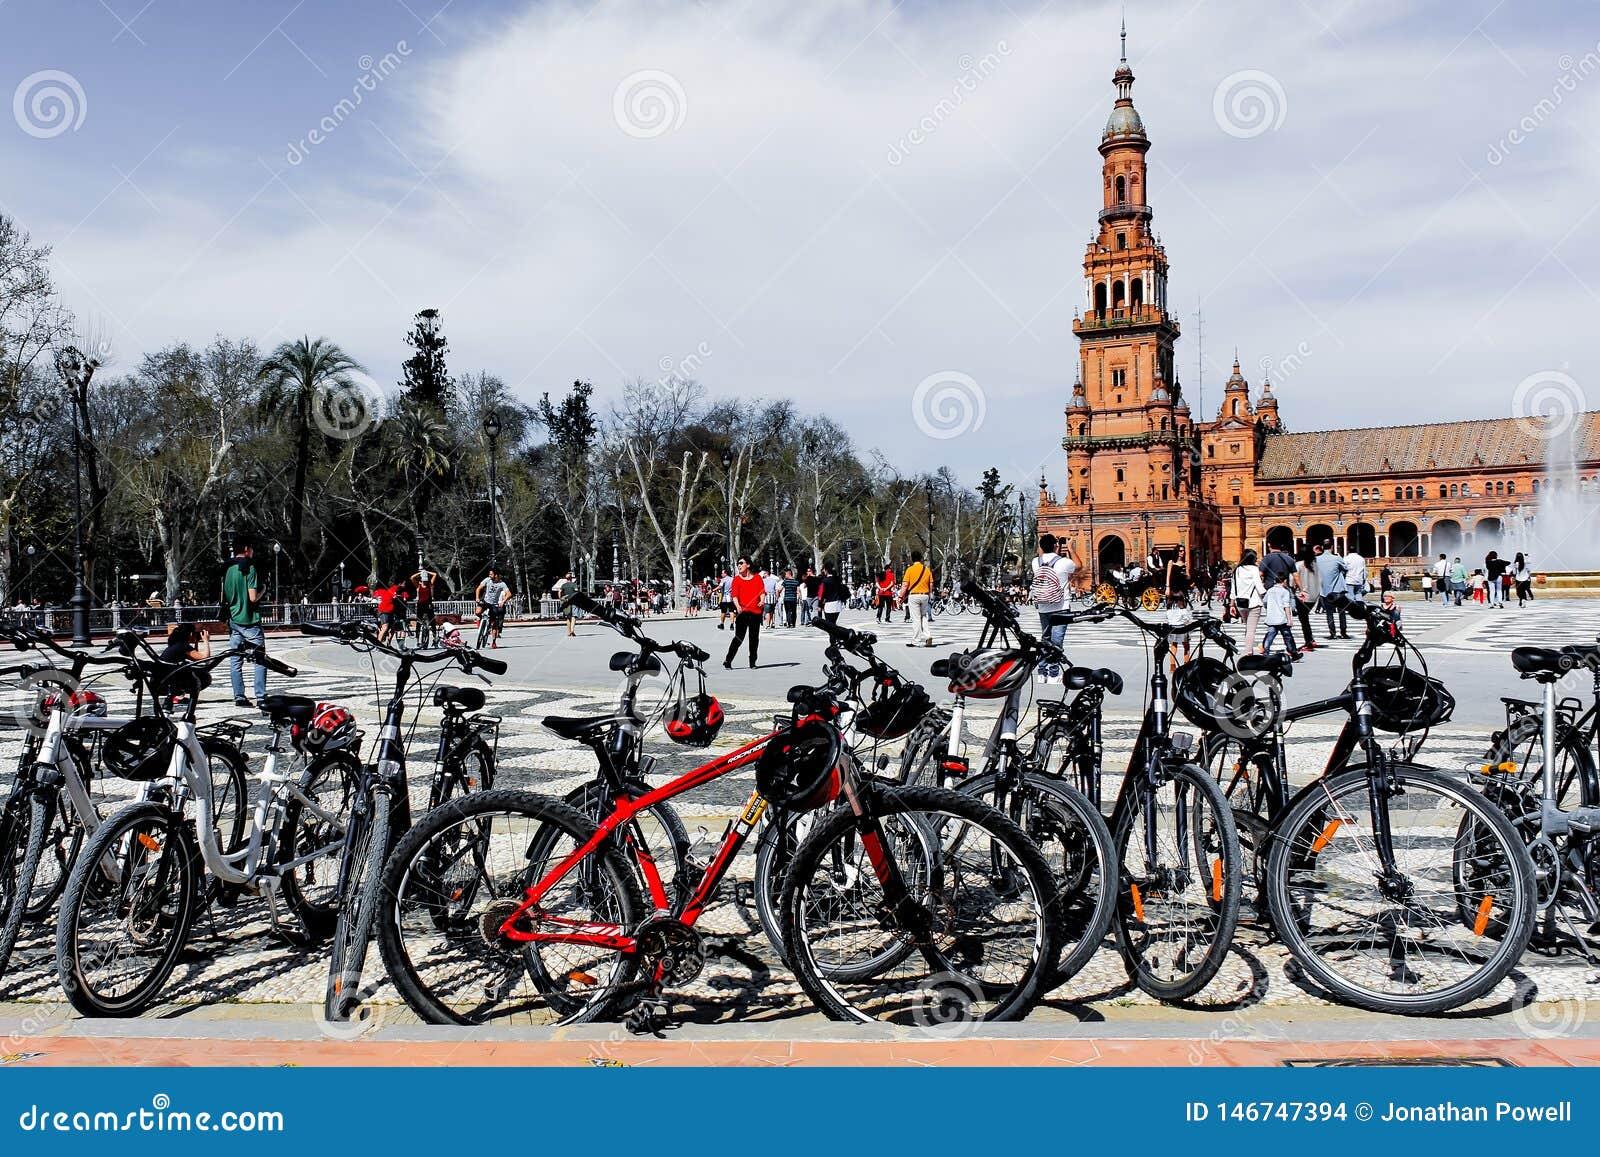 Desaturated Ansicht der Piazzas de España, Sevilla, Spanien